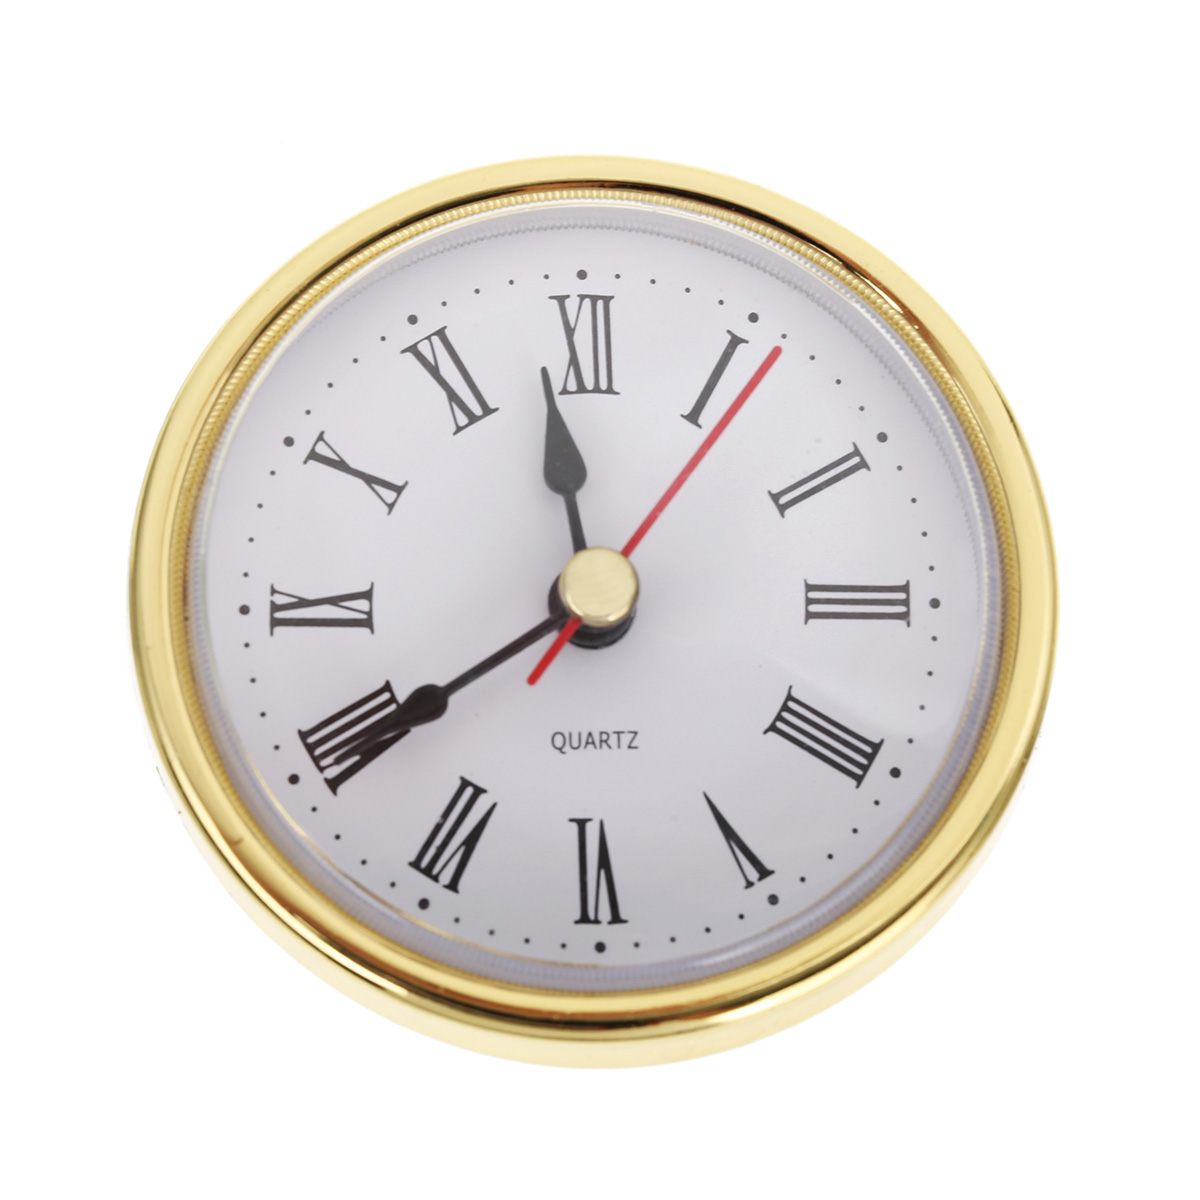 """10 Stücke Mayitr Runde Wanduhr Kopf 2-1/2 """"(65mm) Diy Uhr Quarz Bewegung Einfügen Römische Ziffer Werkzeuge Home Decor Ein BrüLlender Handel"""